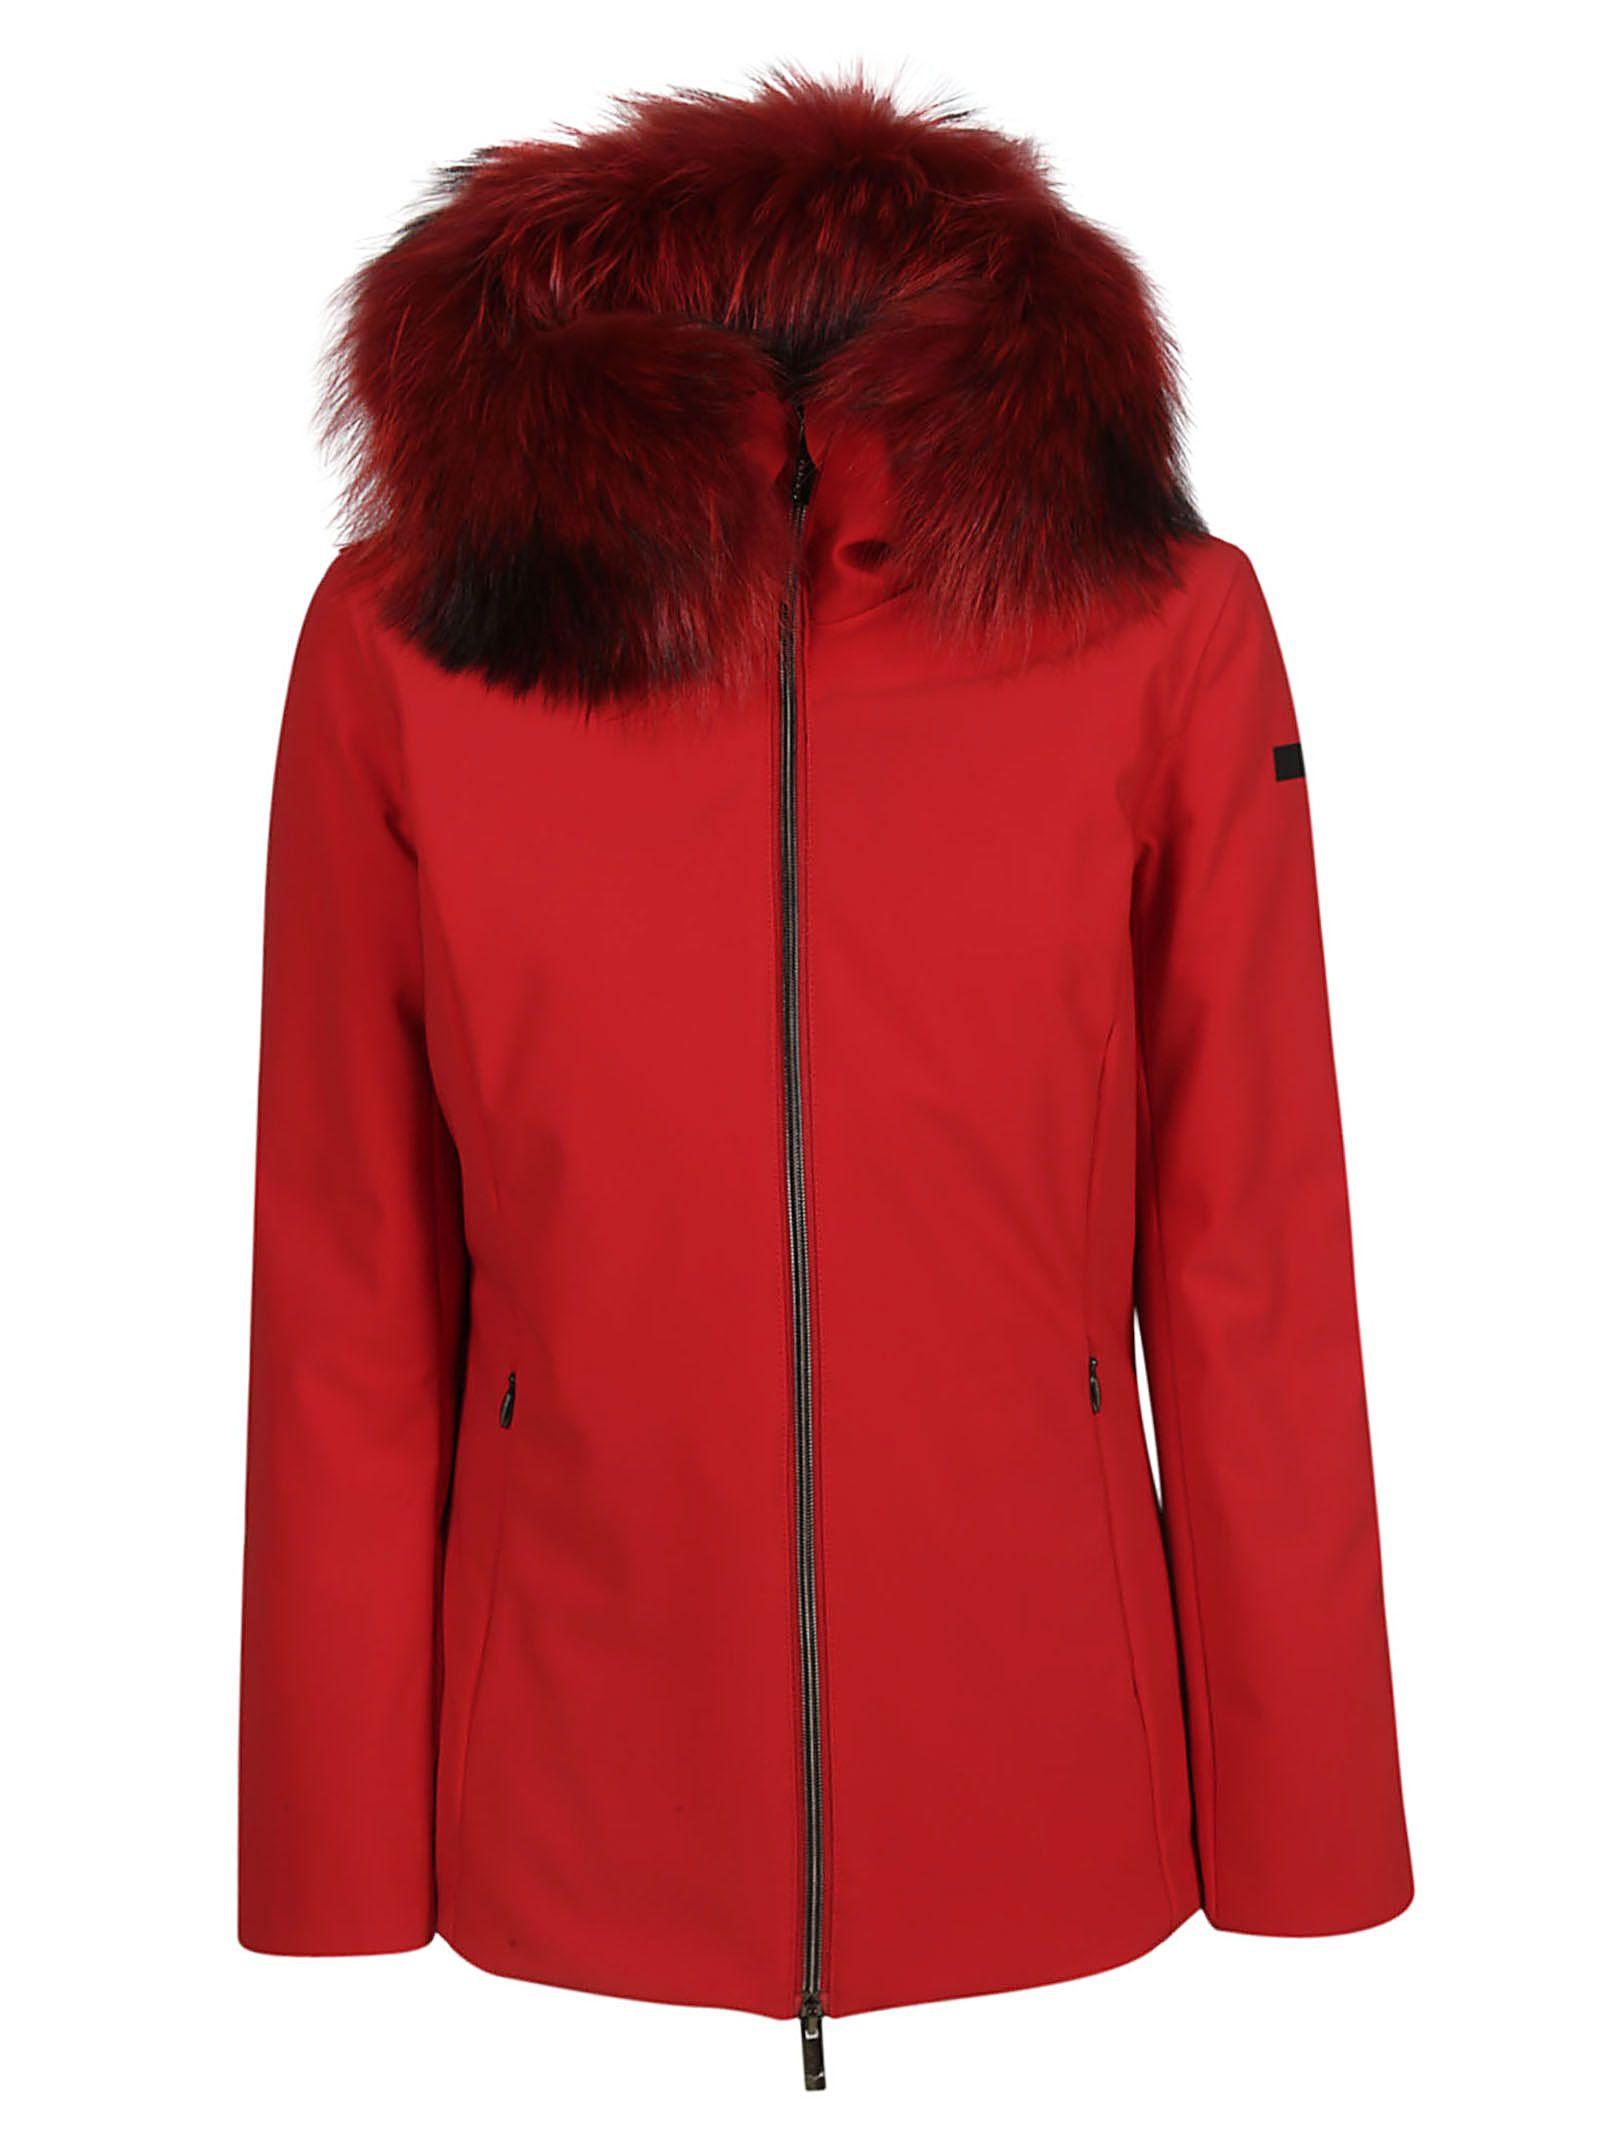 Rrd - Roberto Ricci Design Duvet Jacket, Rosso